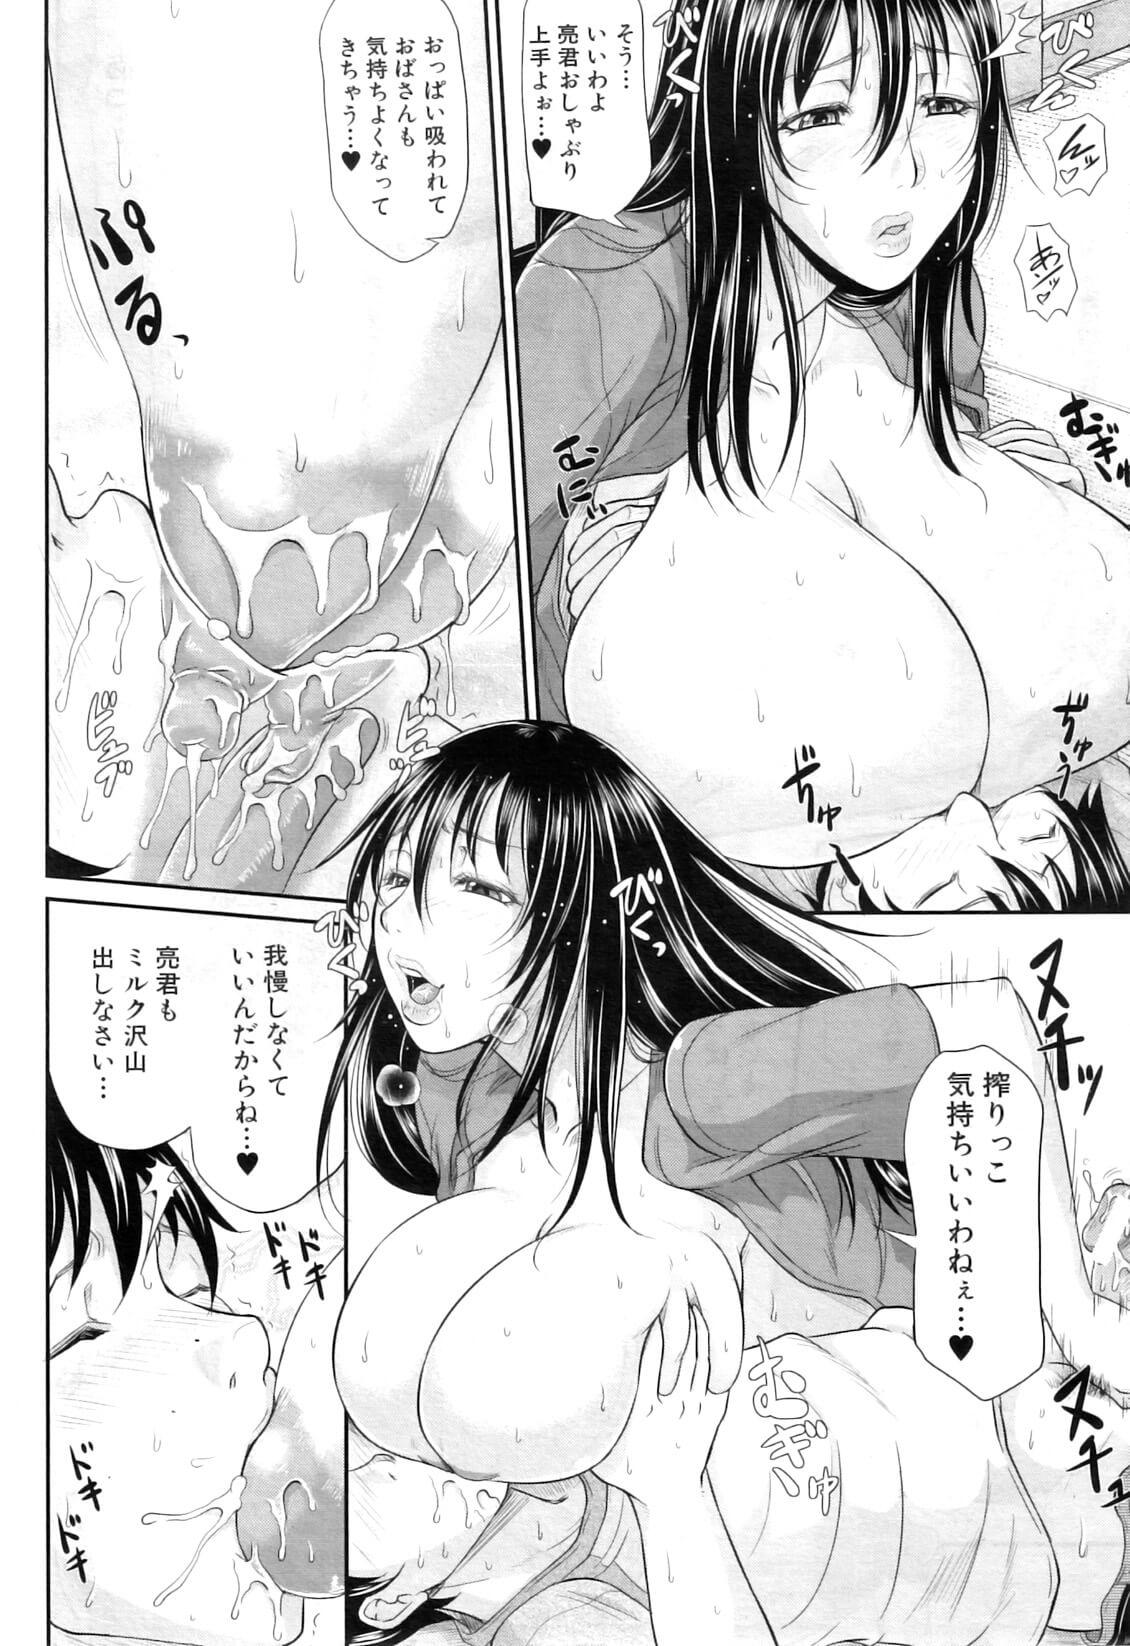 【エロ漫画】想いを寄せる叔母さんが赤ちゃんに授乳して母乳を垂らして誘ってきて…【無料 エロ同人】 (10)